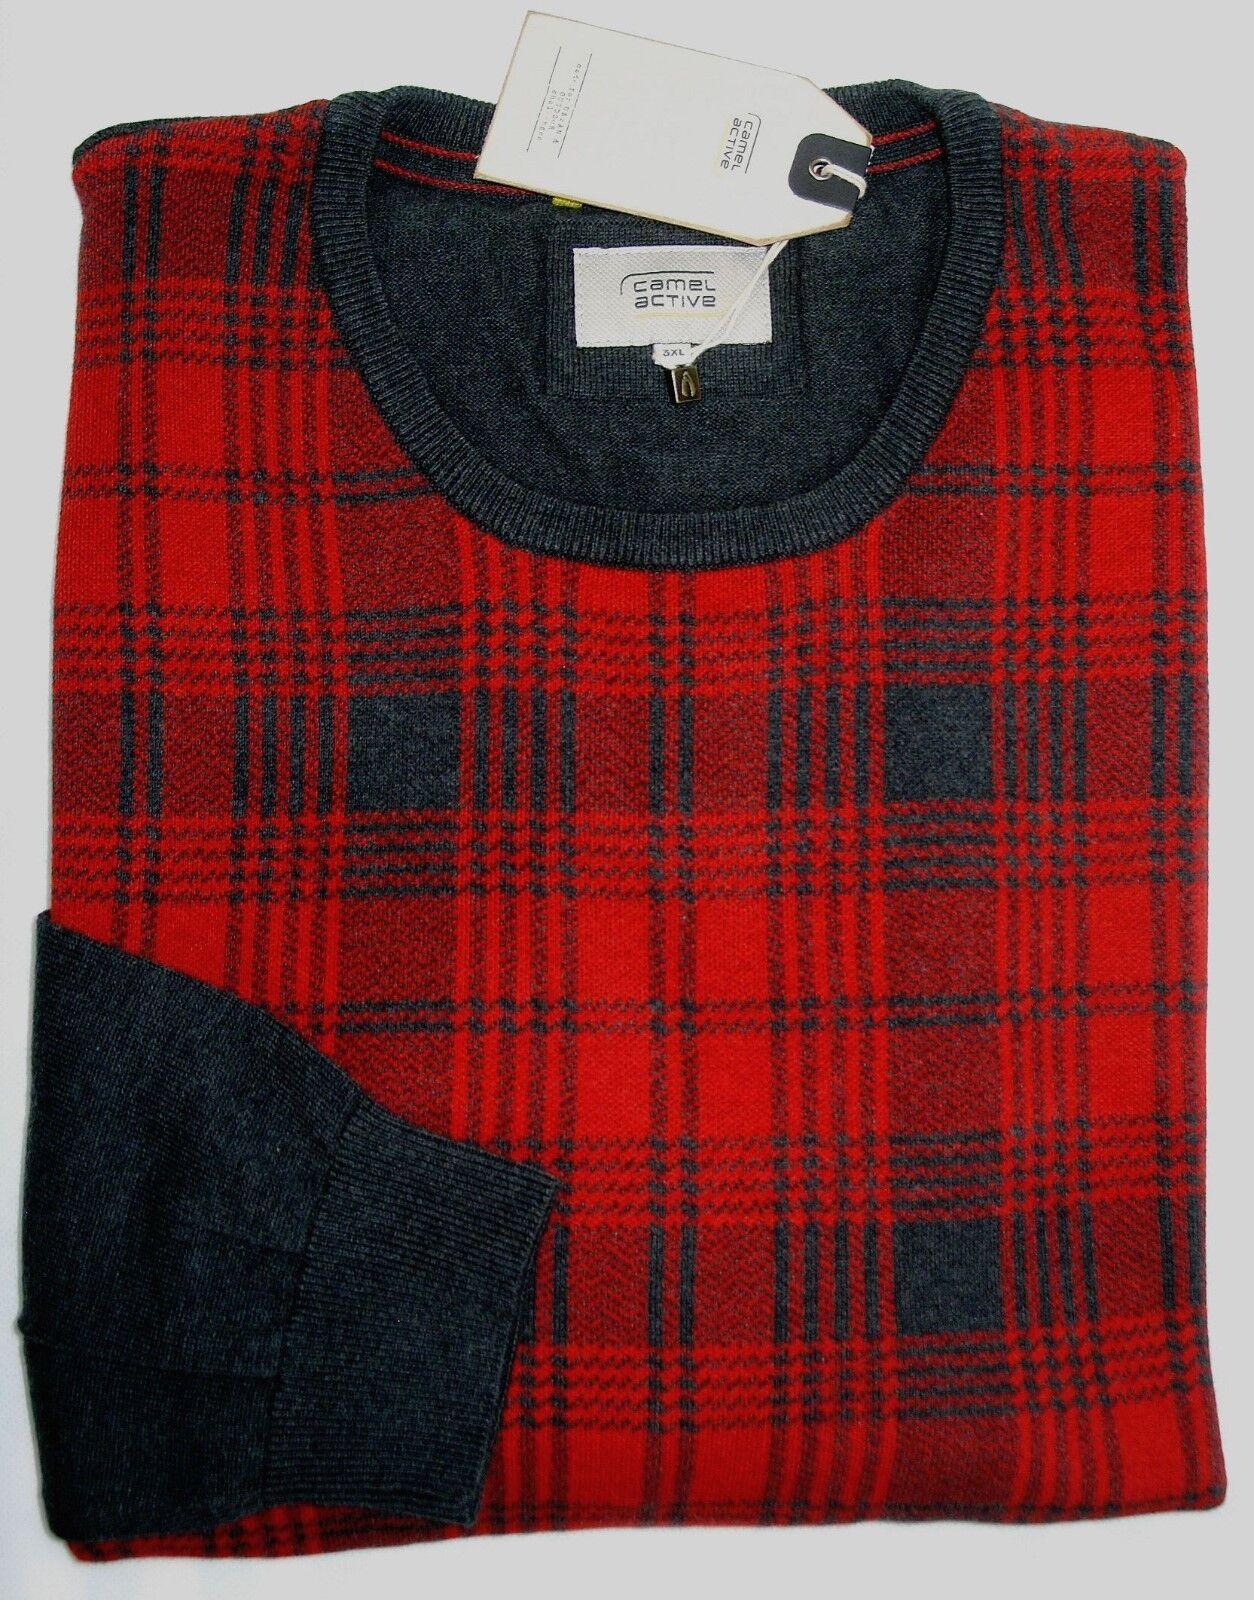 Camel Active Jersey de manga larga cuello rojoondo tamaño  3xl 4xl Karo nuevo PVP 109,95    venta al por mayor barato